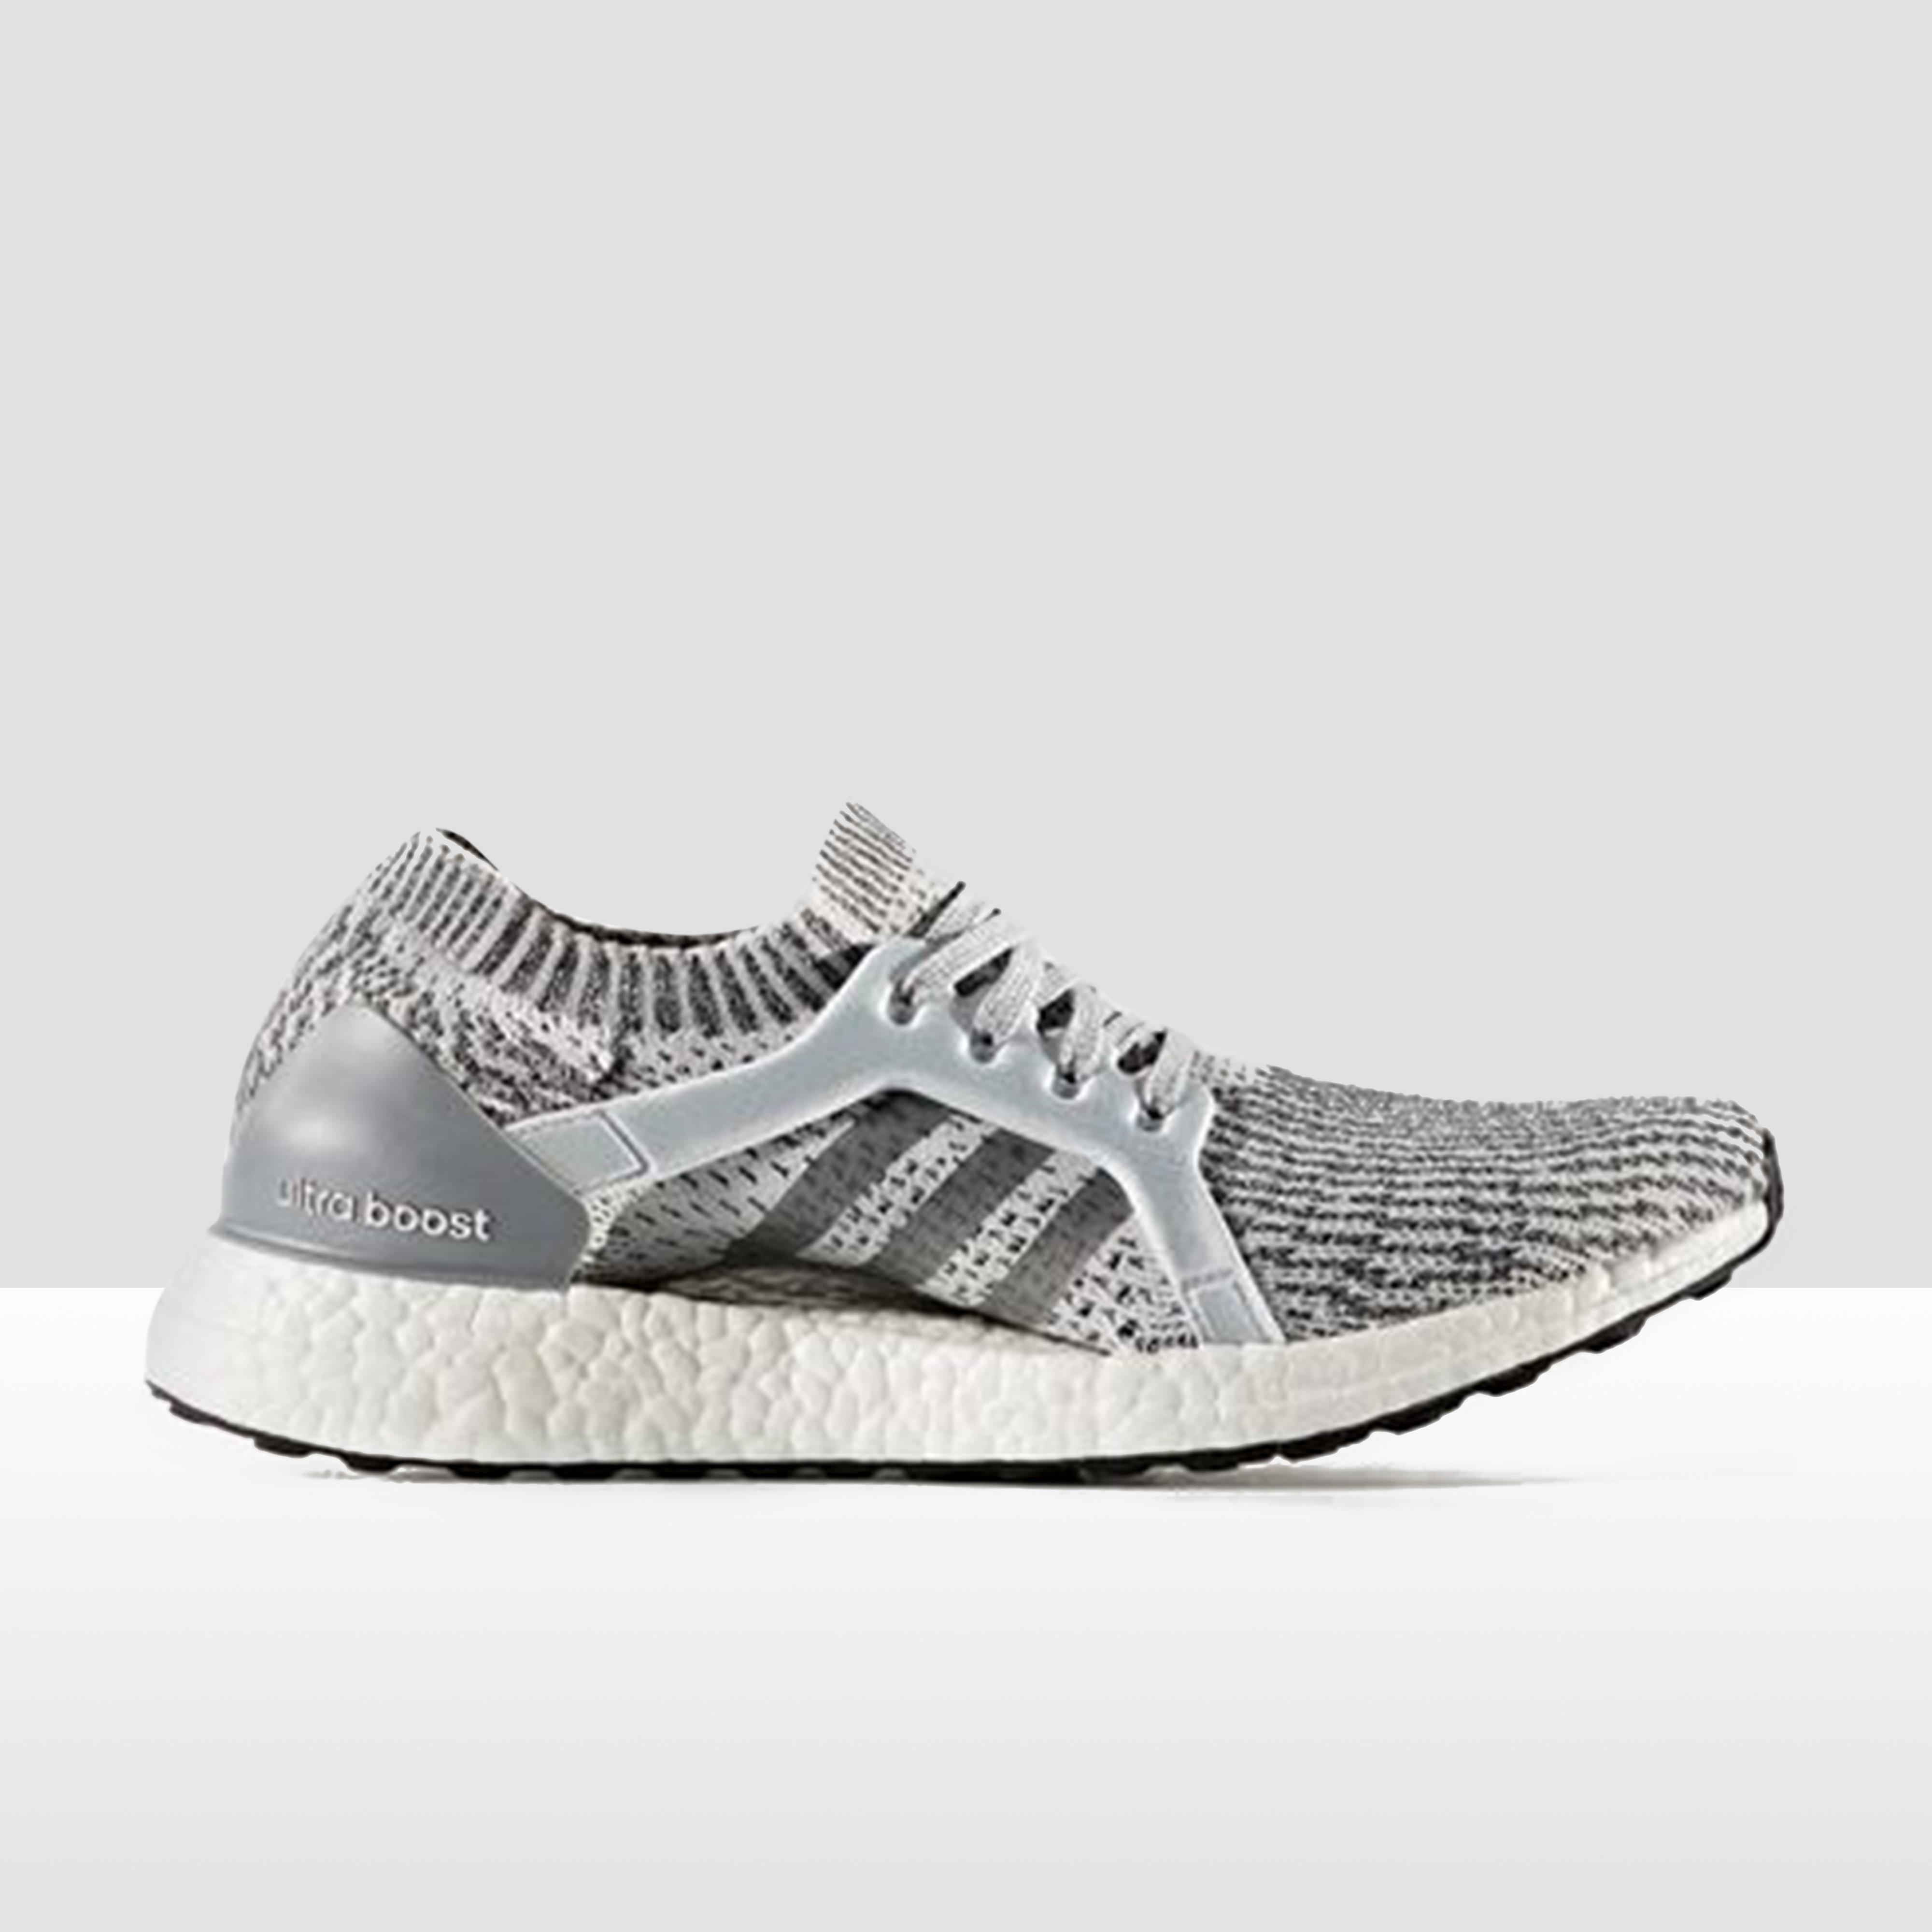 Adidas Ultra Boost X Dames ren schoen (grijs-wit) EU 39 1-3- UK 6